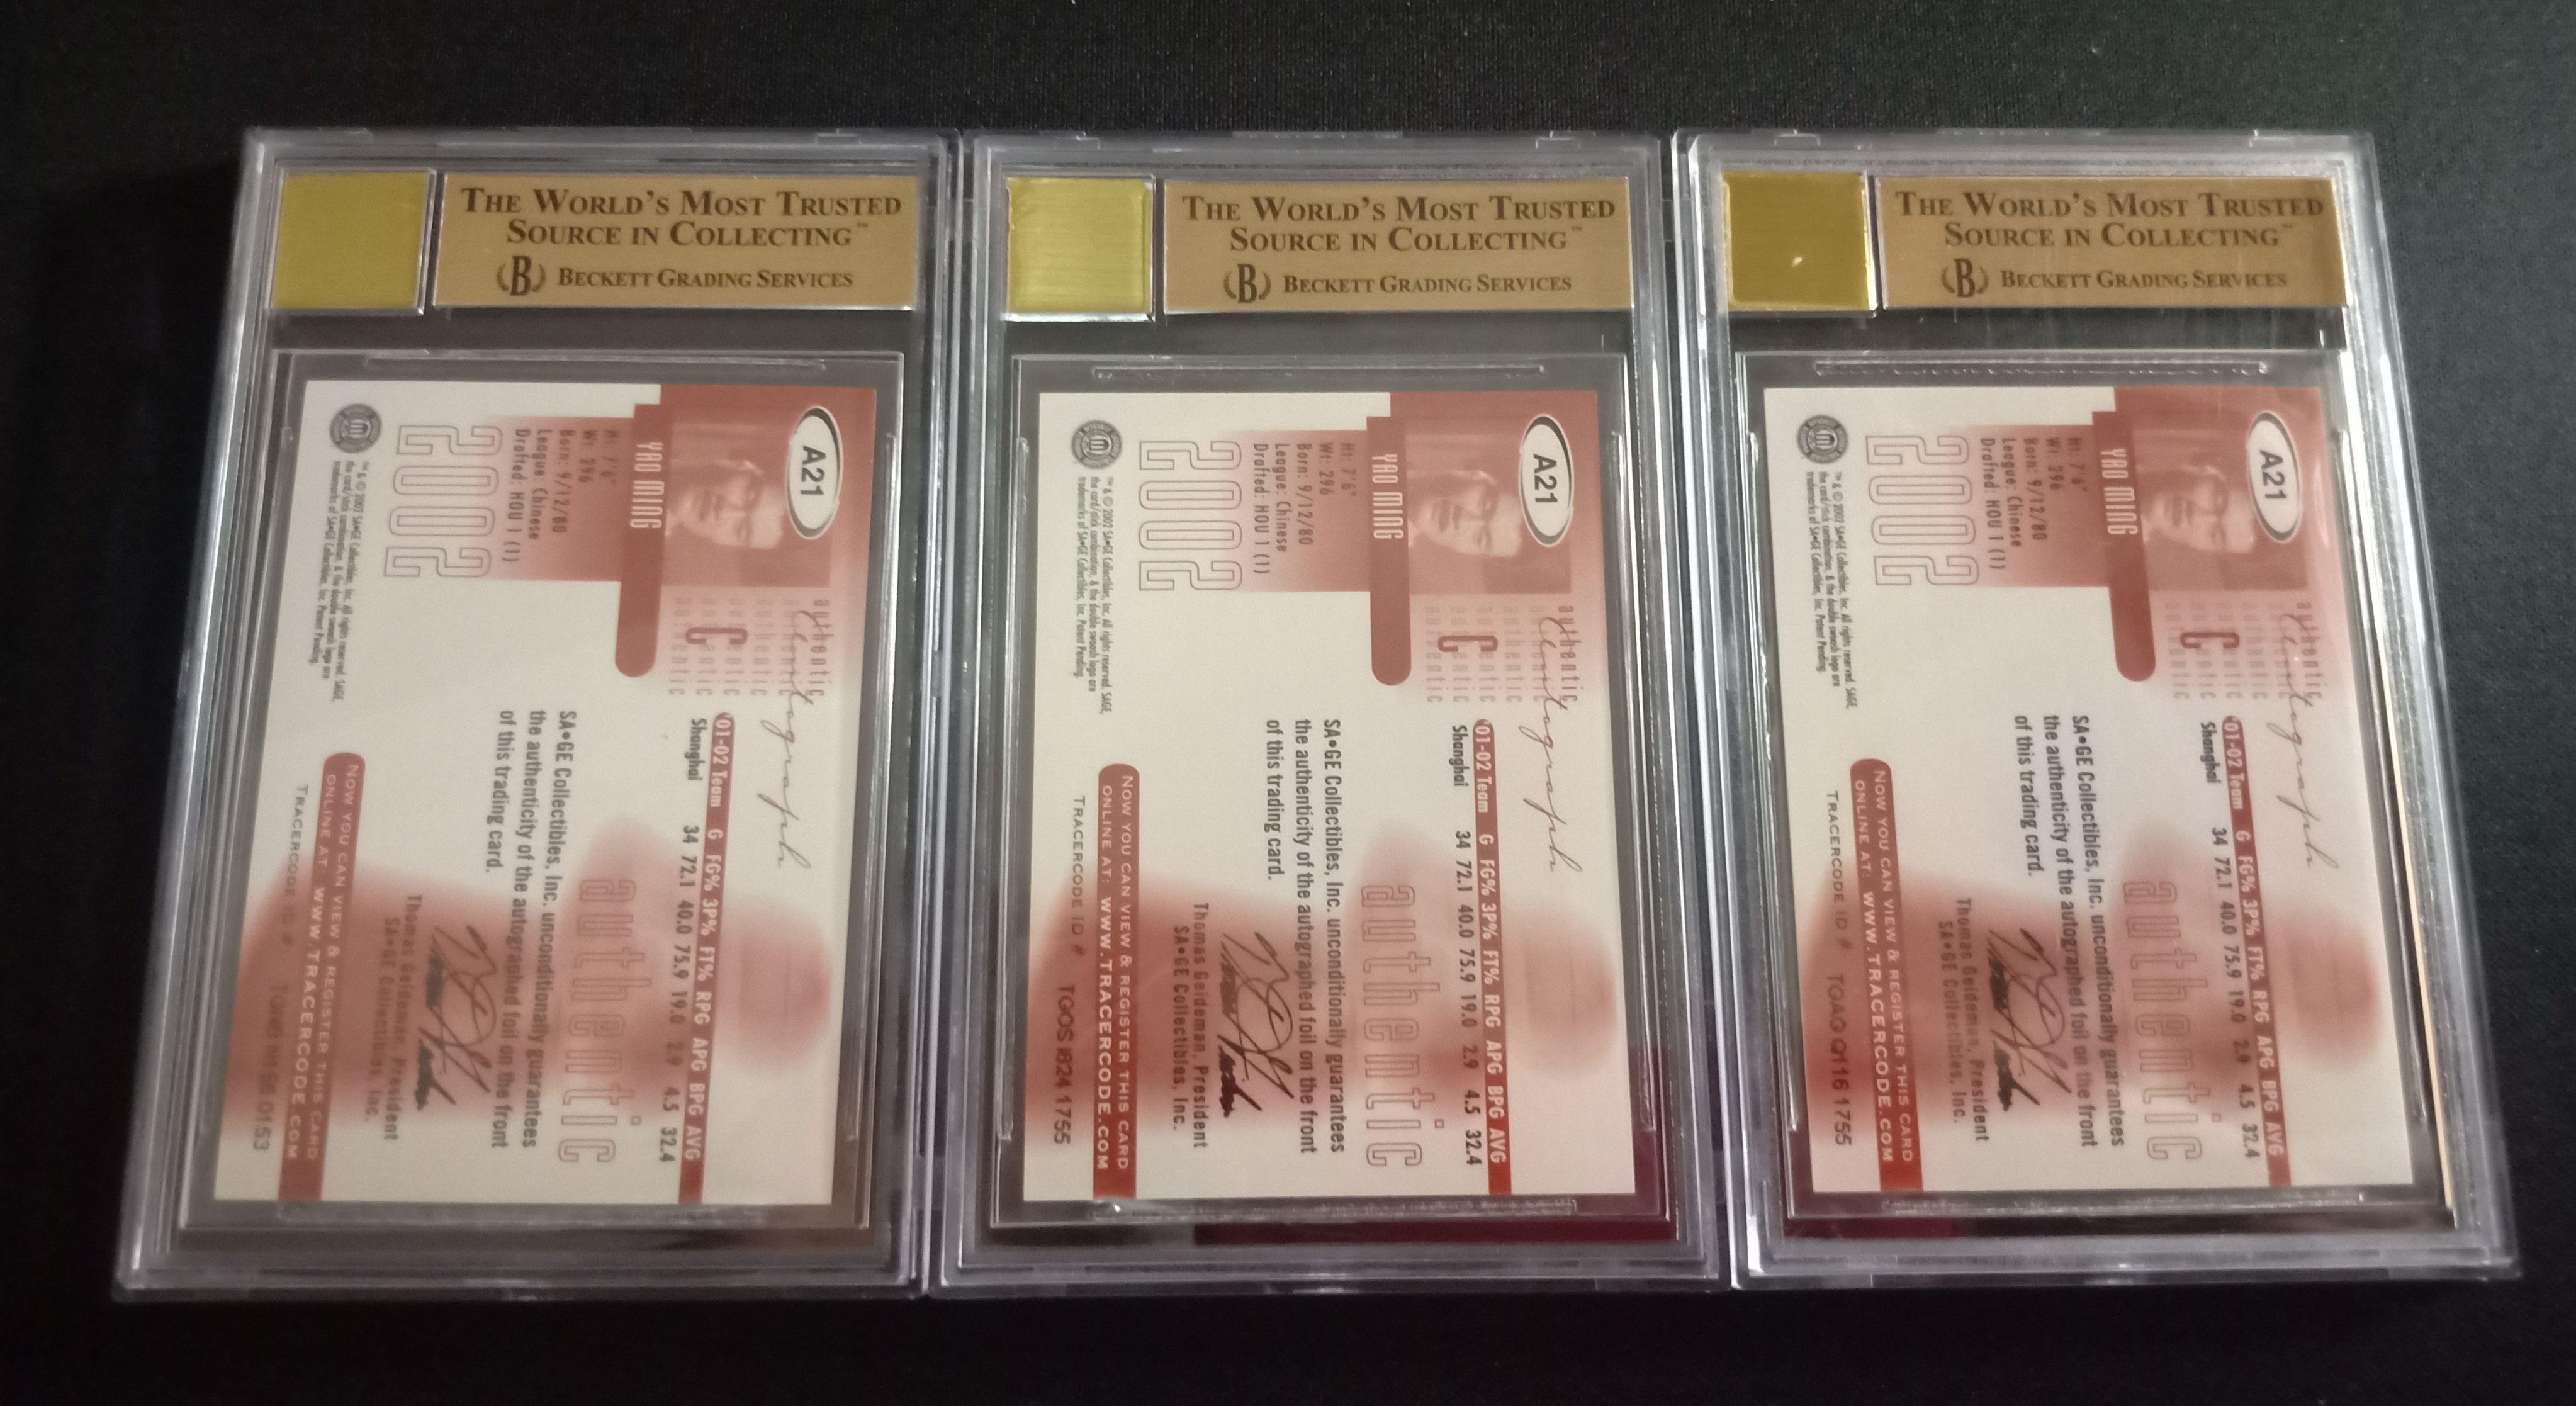 姚明 SAGE 新秀 签字 卡签 金标 BGS9.5/10 金银铜 三张一套 全部金标+10分评级 限量 #/110 #/70 #/35